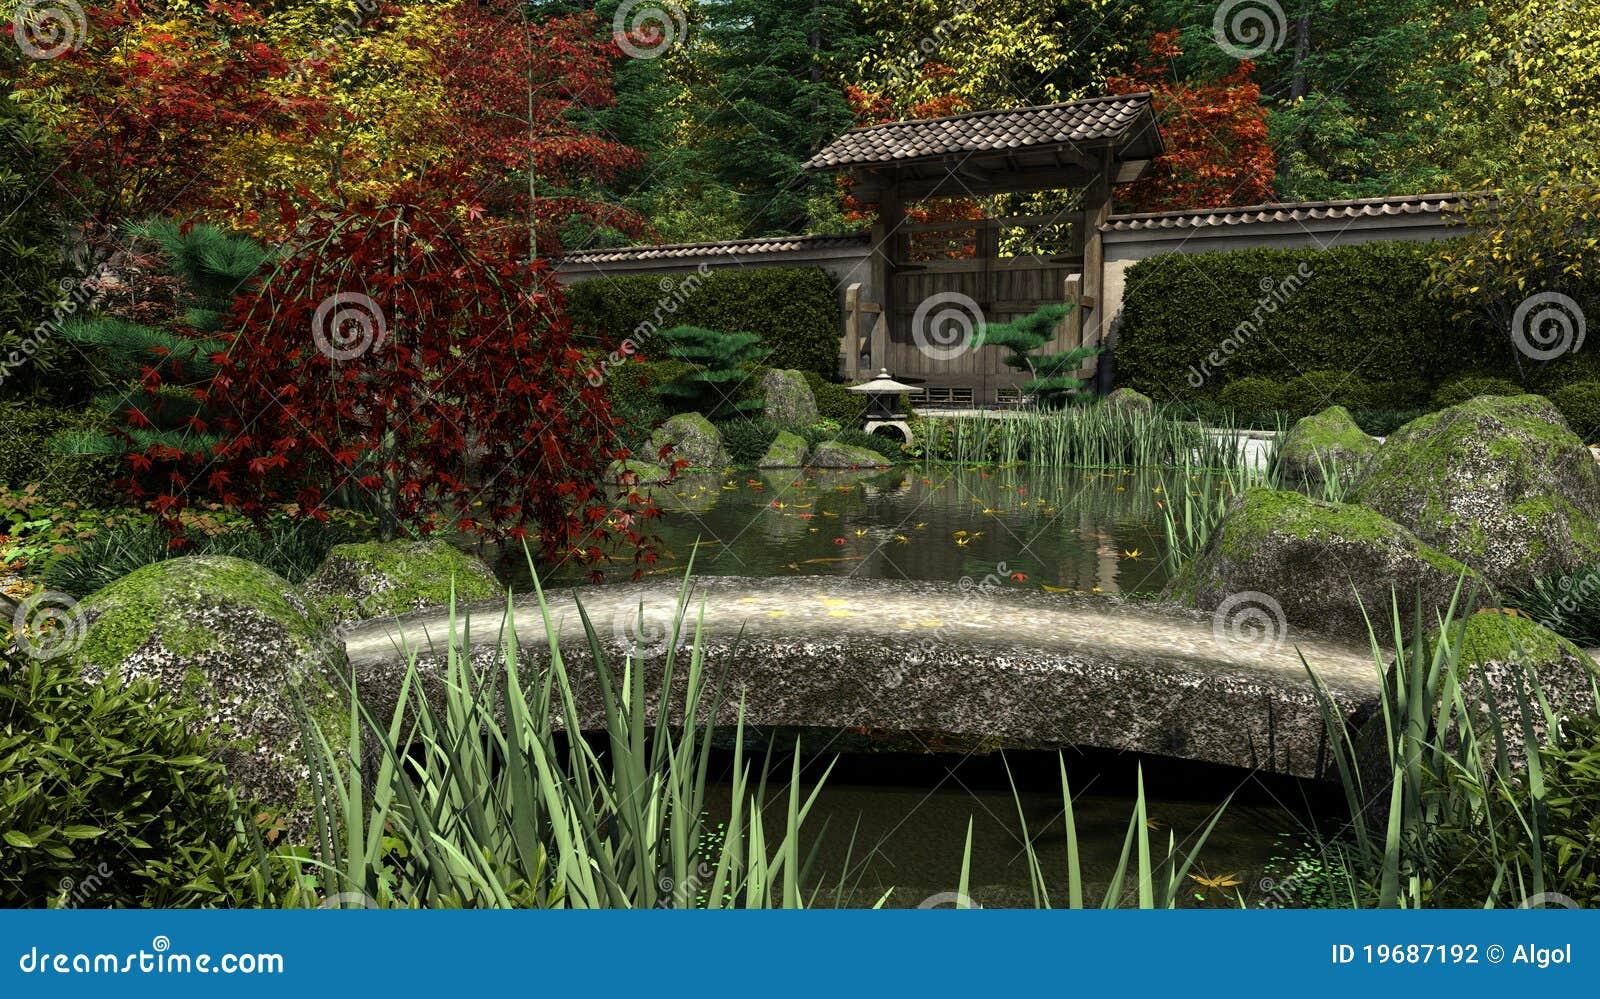 Japanese garden and koi pond autumn stock illustration for Japanese garden pond bridge